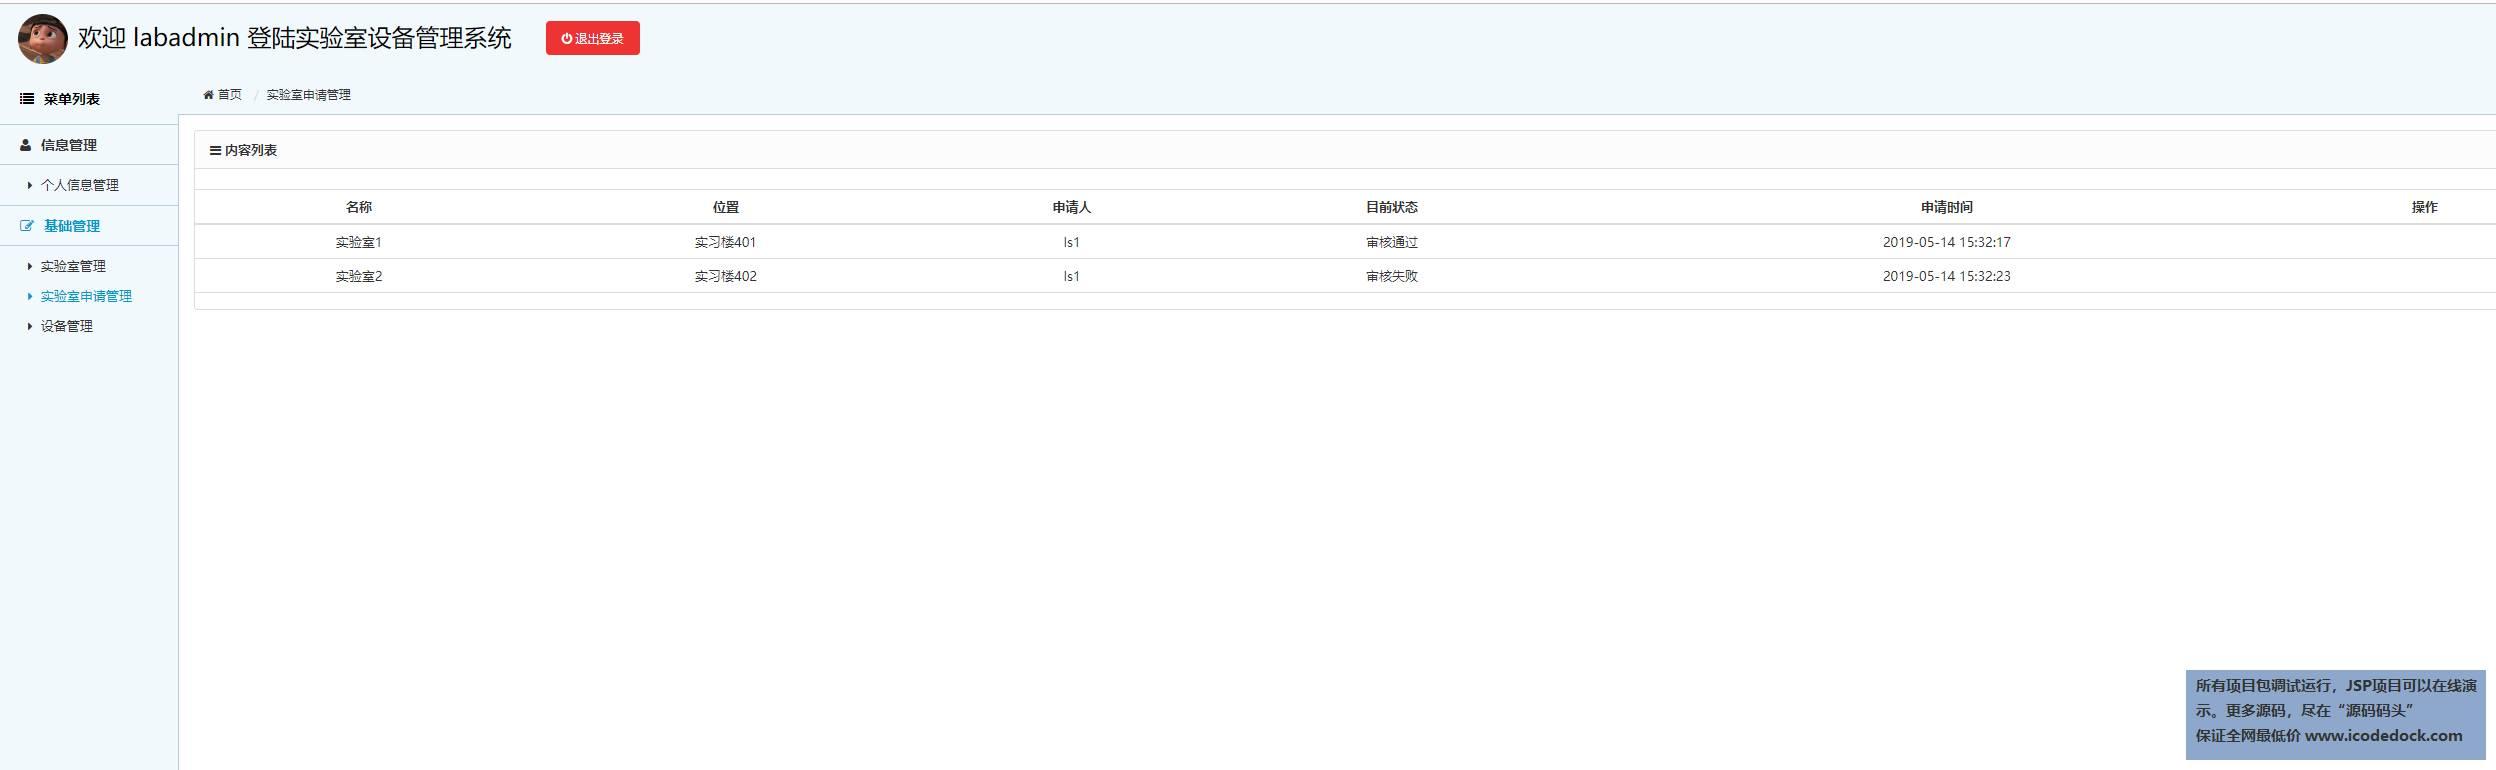 源码码头-SSM实验室设备管理-实验室管理员角色-实验室申请记录